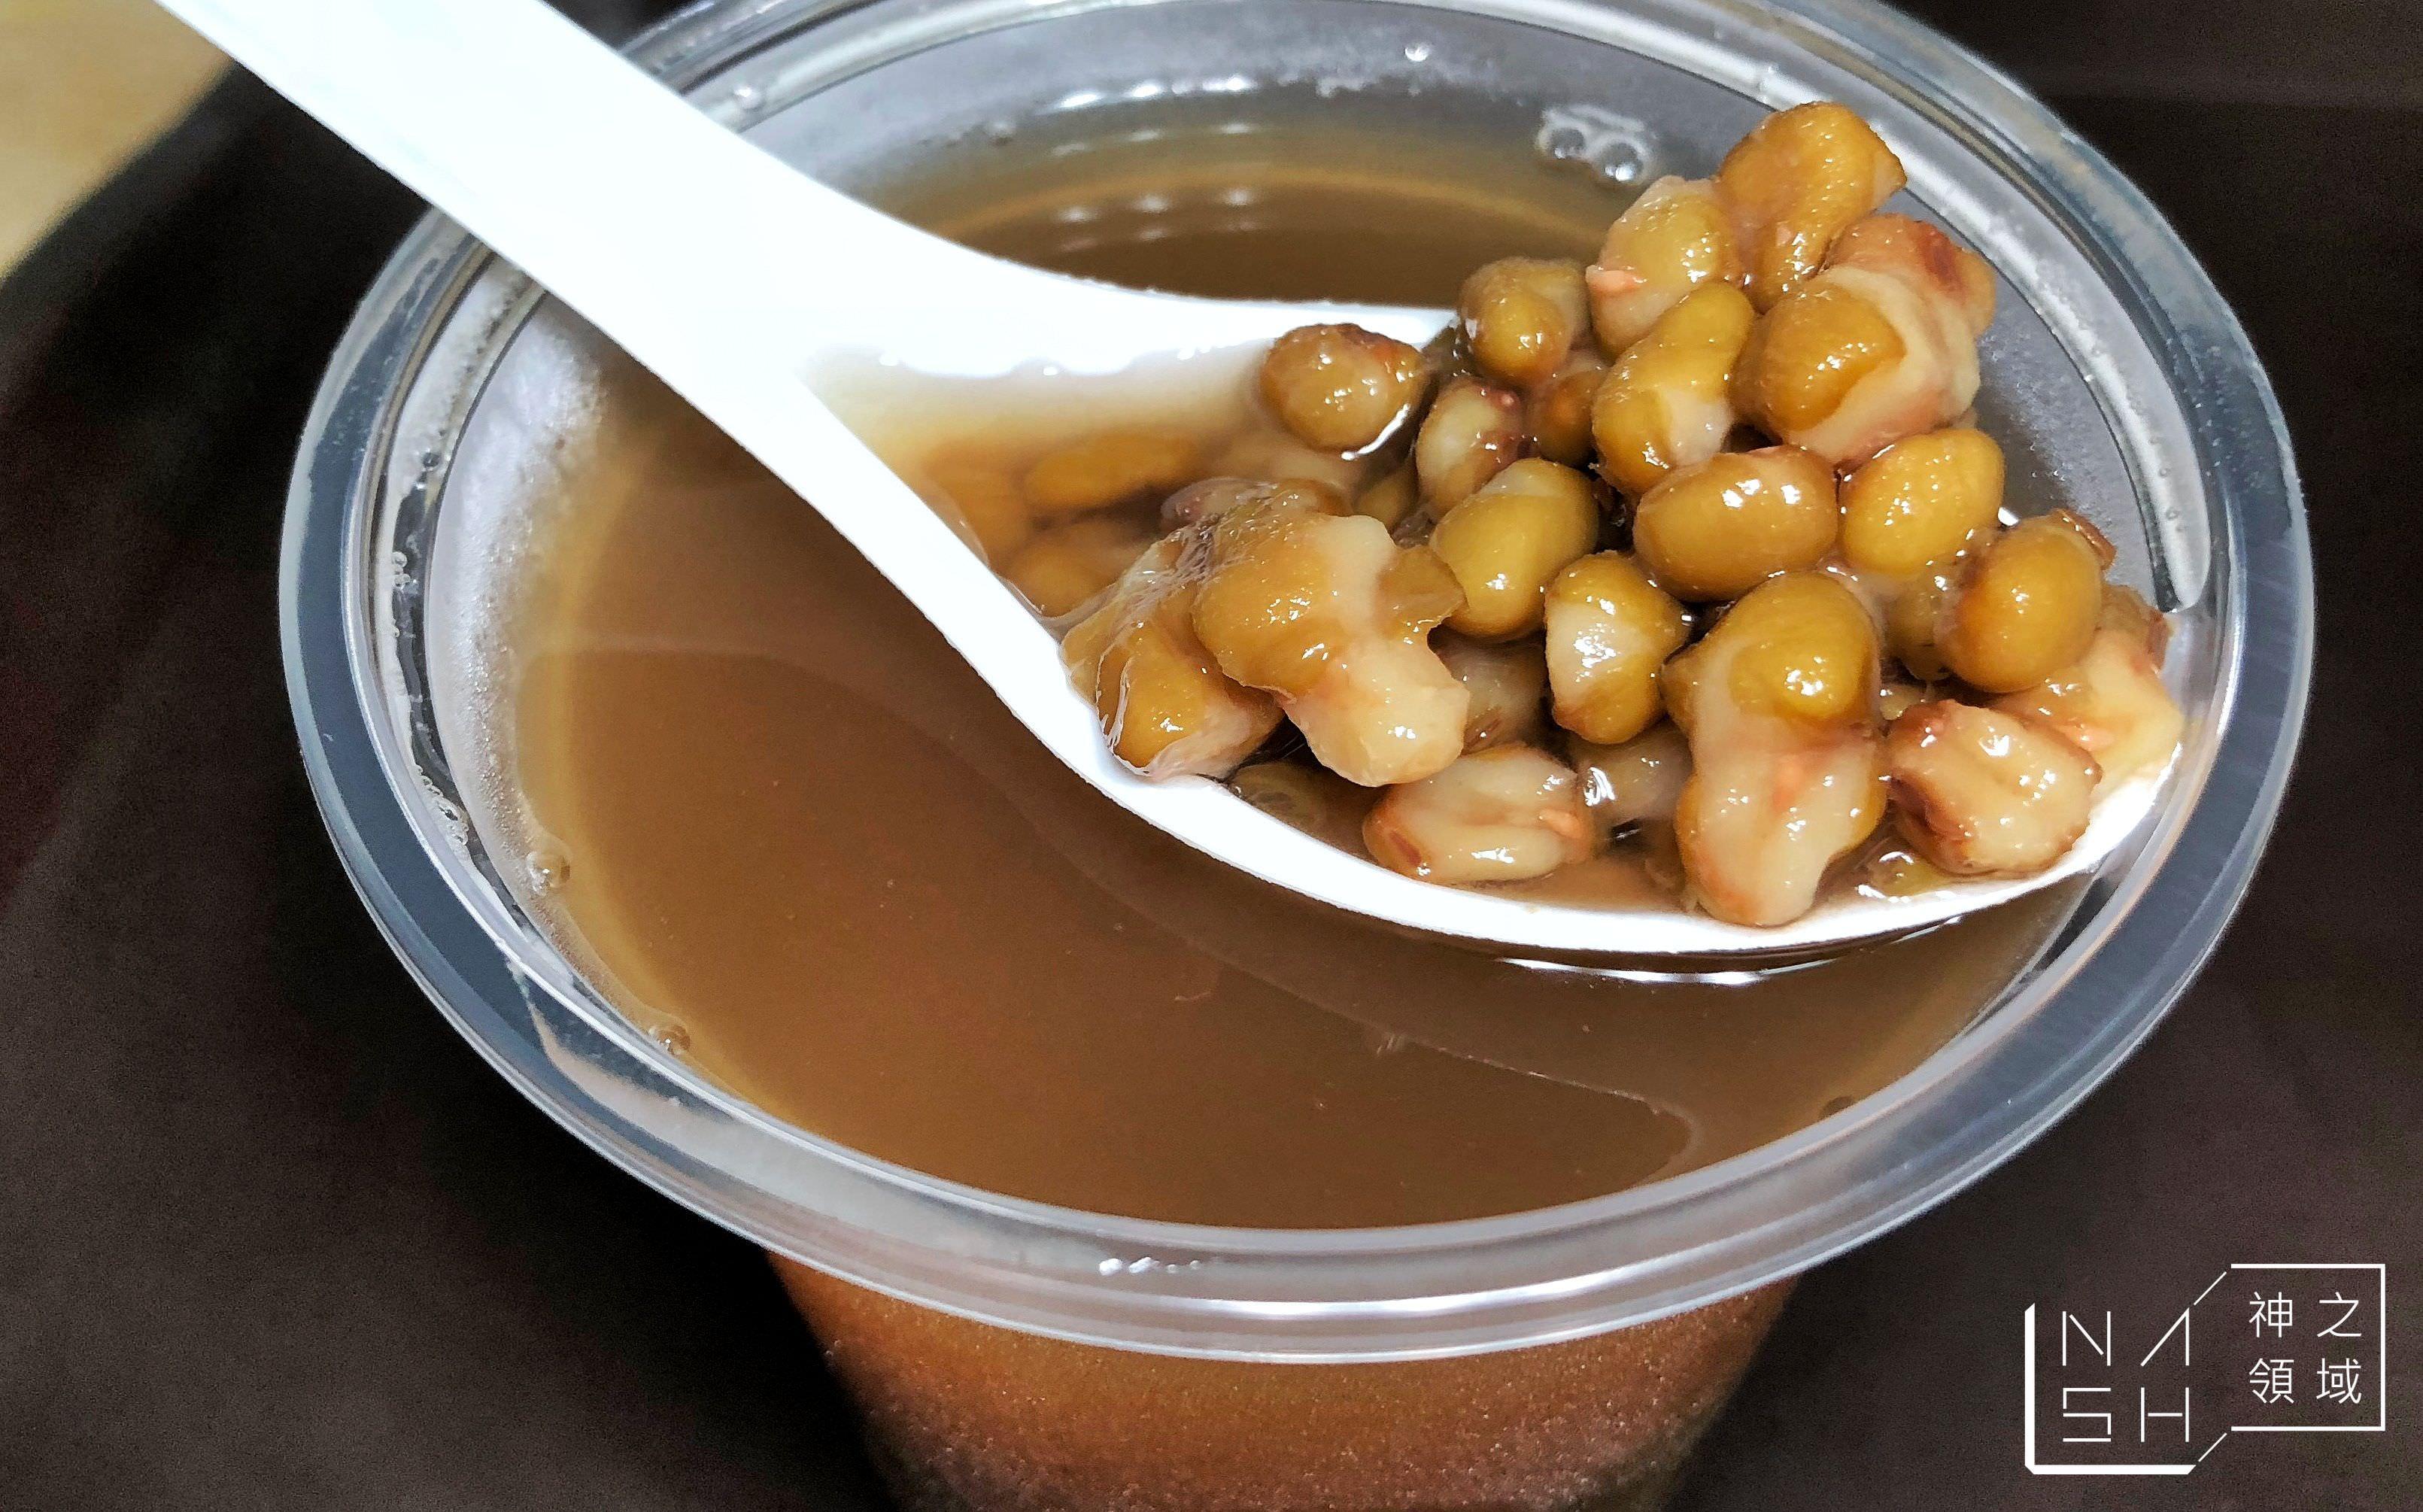 獅甲綠豆湯,獅甲美食,捷運獅甲美食,獅甲美食推薦 @Nash,神之領域